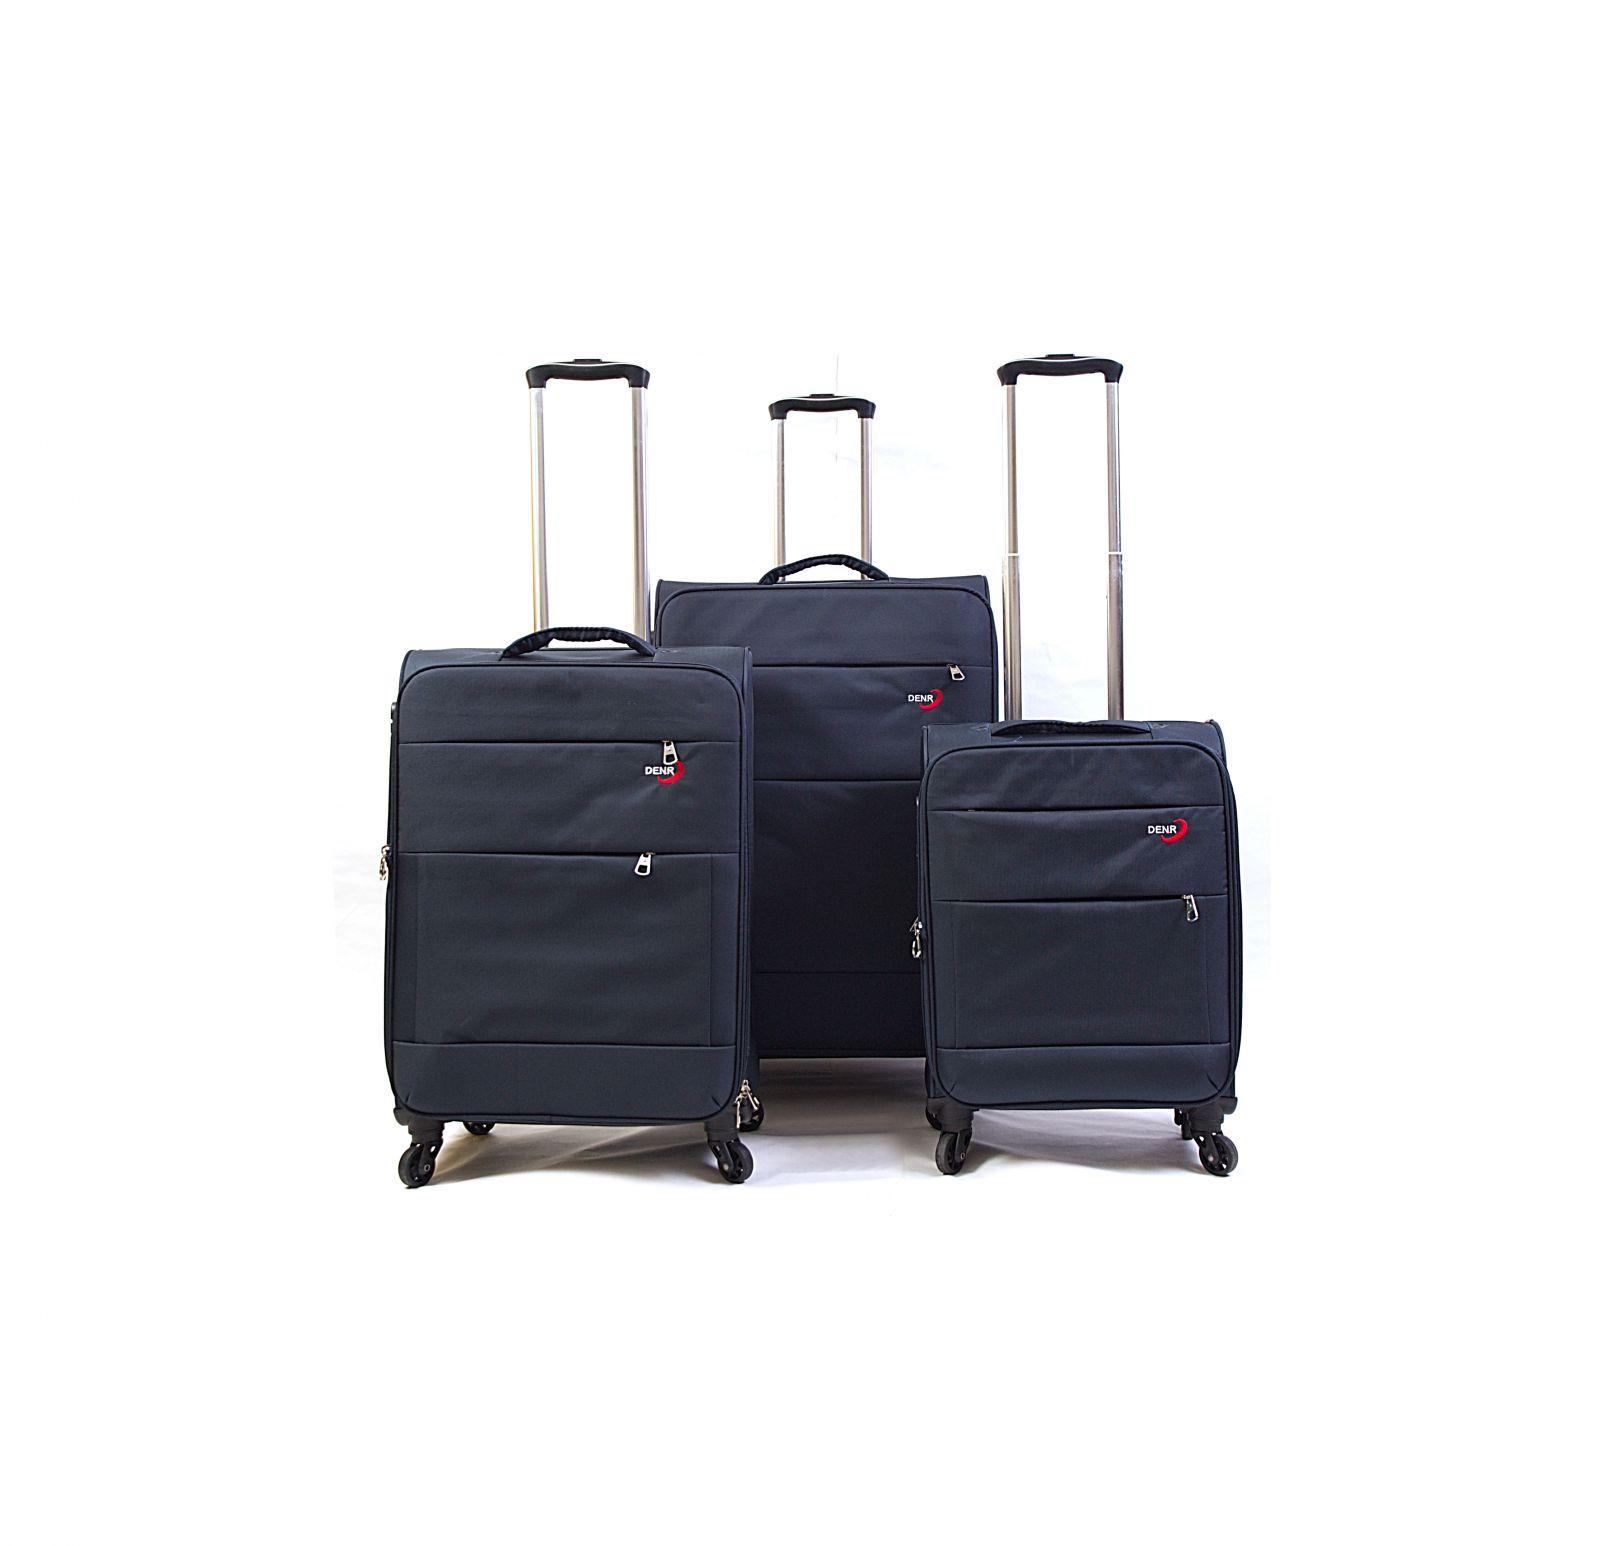 Trolley-CASE TC-883 4w sada 3 kufru modrý